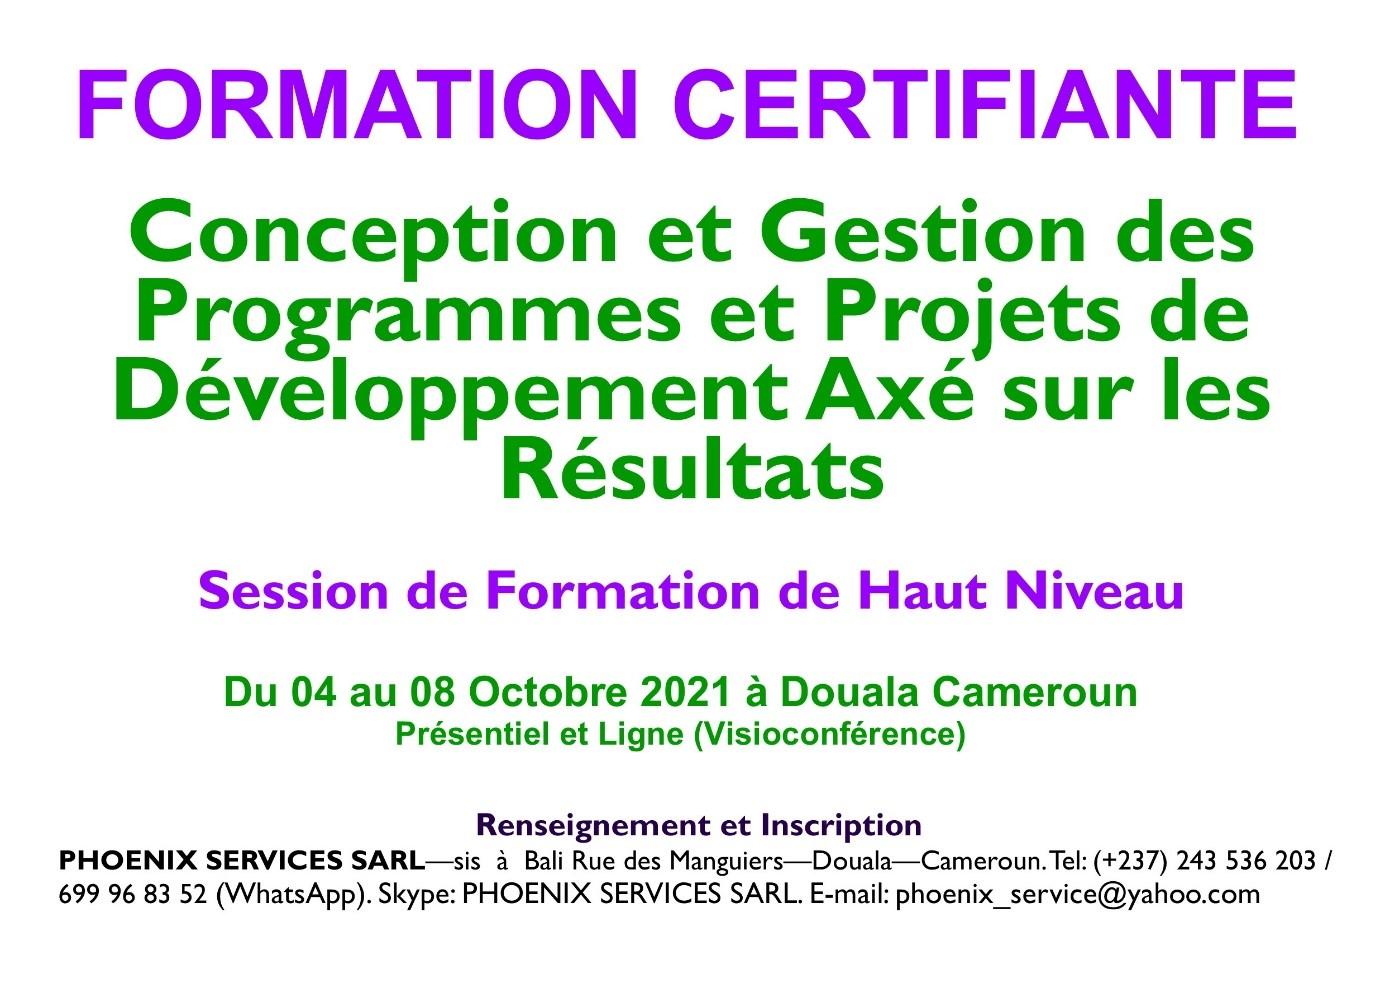 Formation Certifiante en Conception et Gestion des Programmes et Projets de Développement Axés sur les résultats